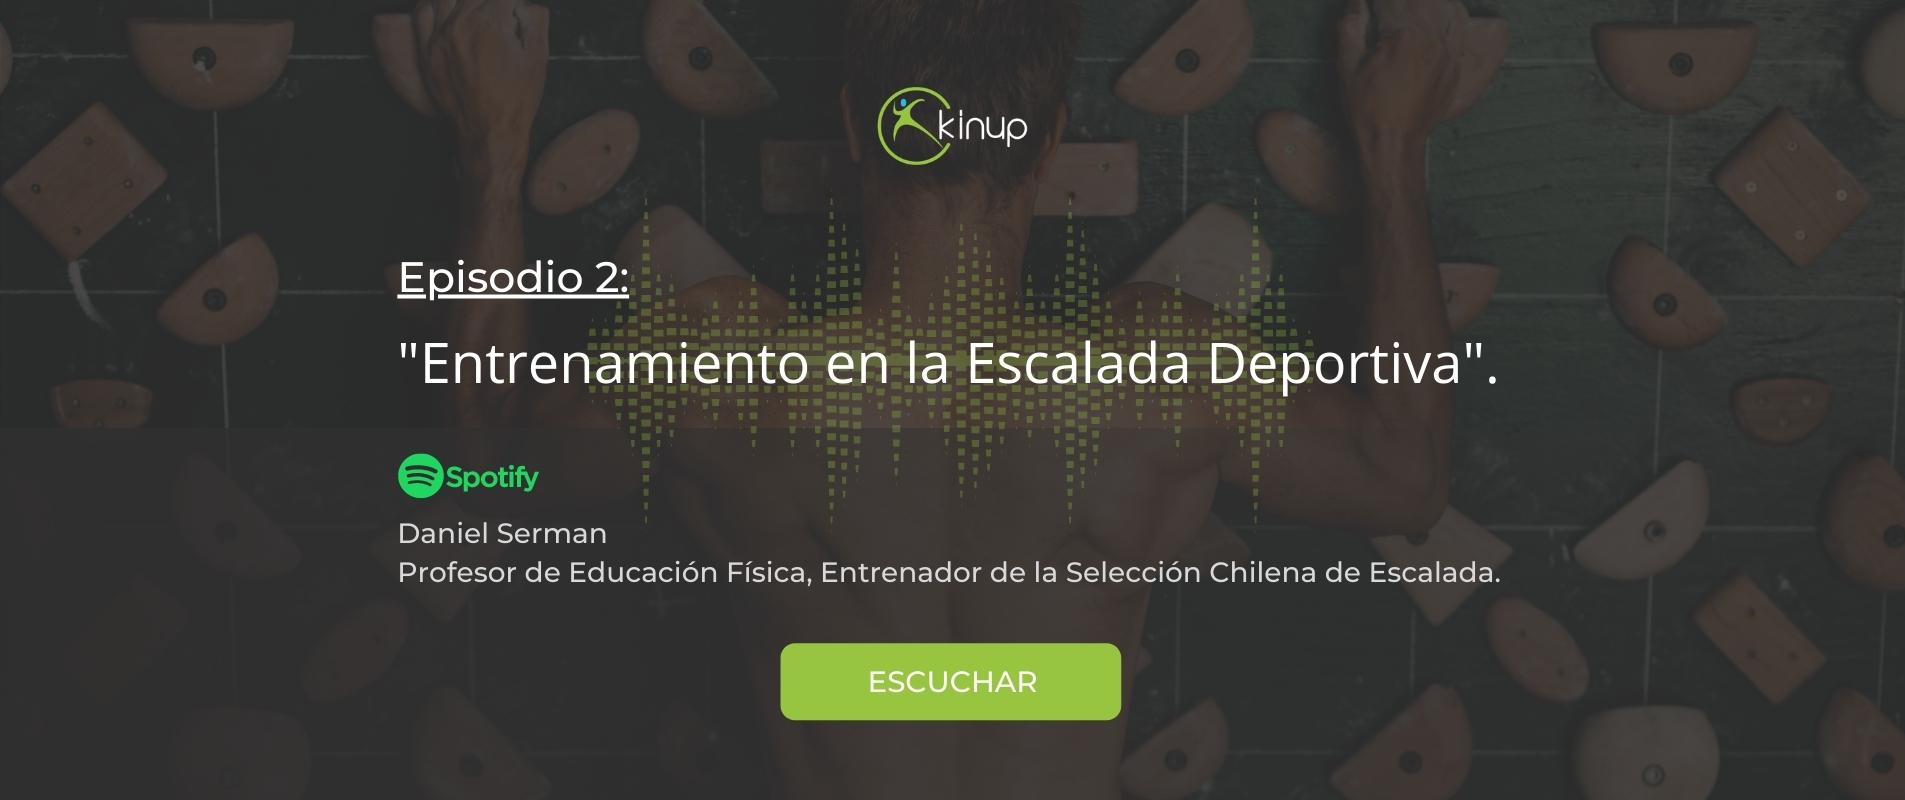 Podcast - Entrenamiento en la Escalada Deportiva